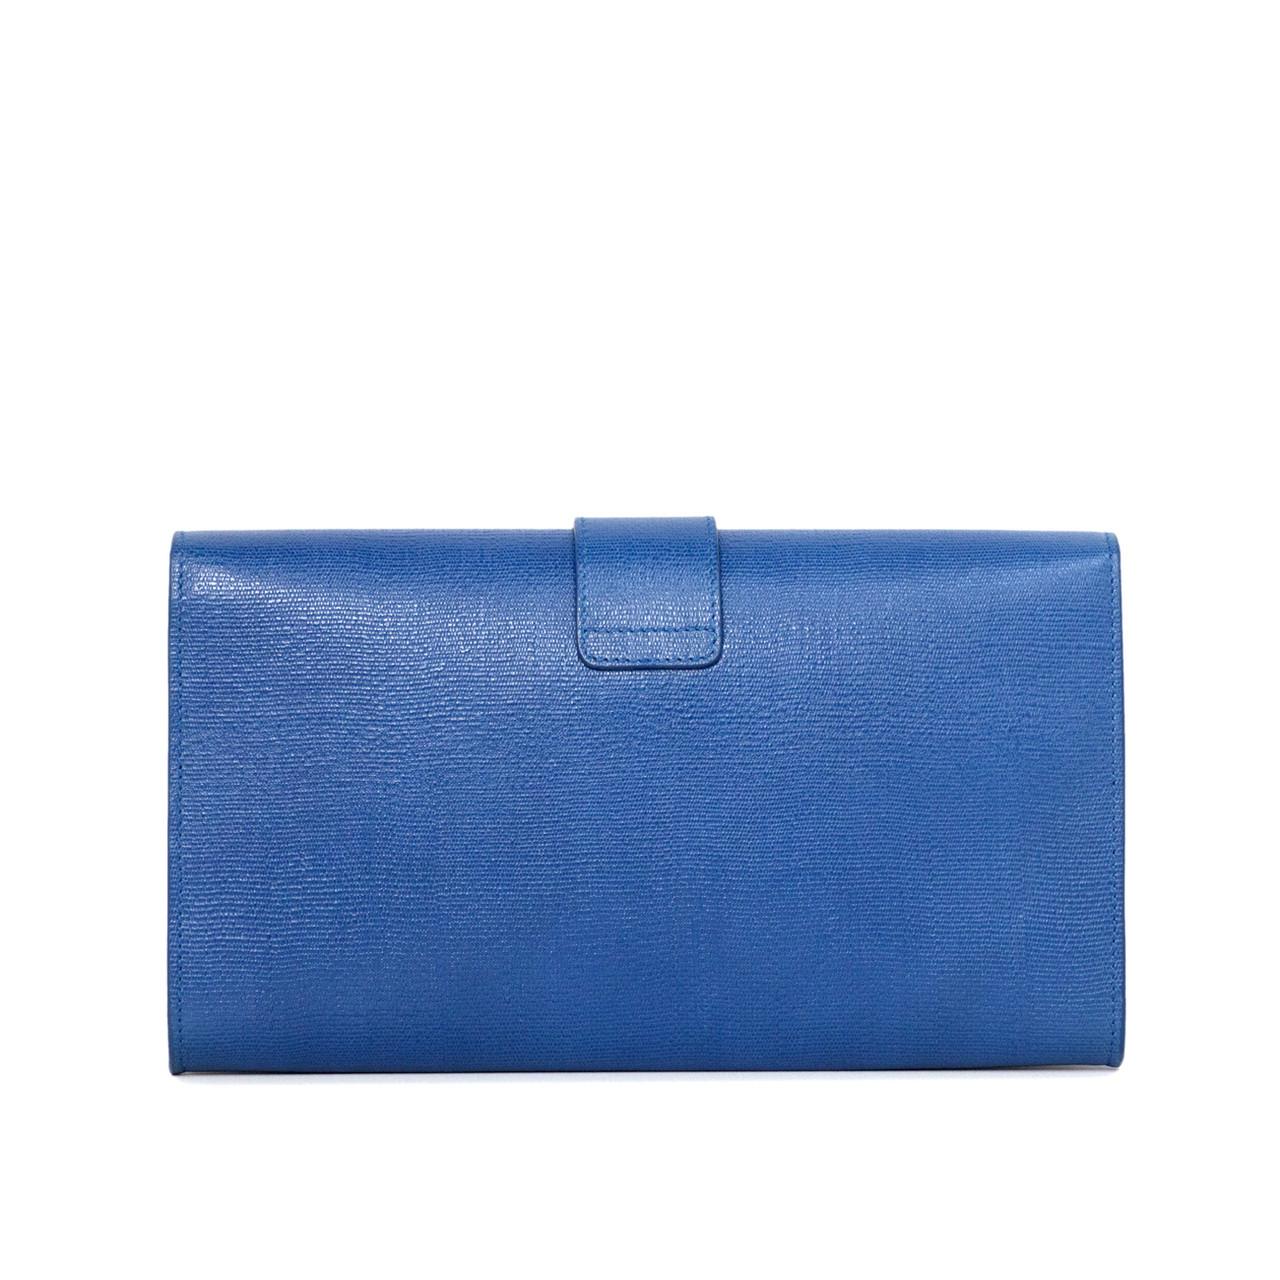 31b130e7de41d YSL Saint Laurent Blue Textured Calfskin Classic Y Clutch - modaselle